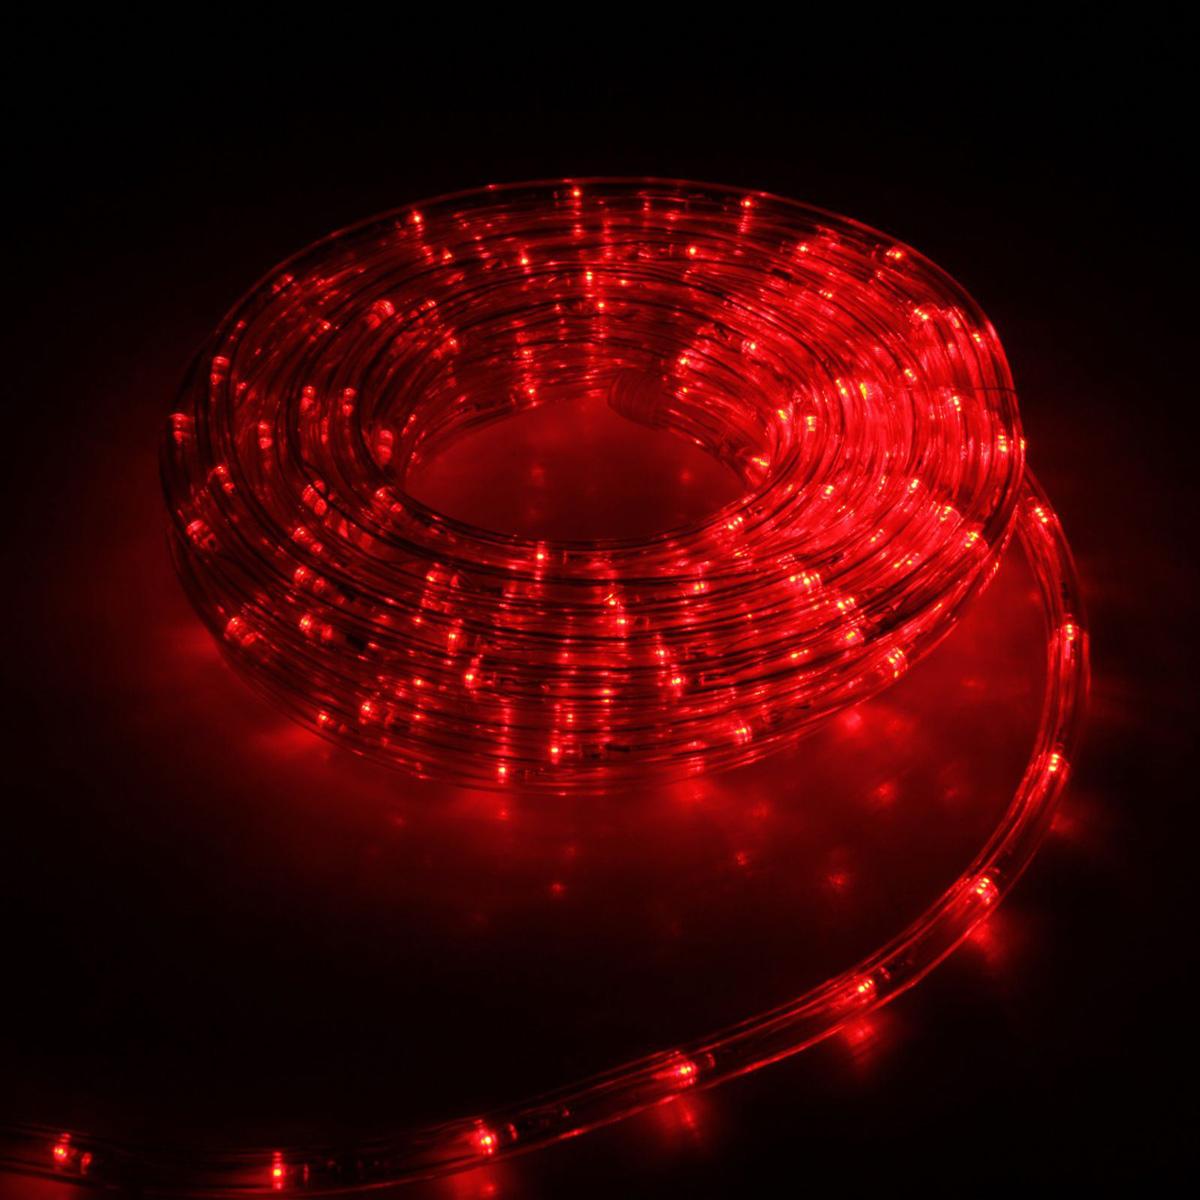 Гирлянда светодиодная Luazon, 440 ламп, 8 режимов, 220 V, цвет: красный, 1 см х 20 м. 15898361589836Светодиодные гирлянды, ленты и т.д — это отличный вариант для новогоднего оформления интерьера или фасада. С их помощью помещение любого размера можно превратить в праздничный зал, а внешние элементы зданий, украшенные ими, мгновенно станут напоминать очертания сказочного дворца. Такие украшения создают ауру предвкушения чуда. Деревья, фасады, витрины, окна и арки будто специально созданы, чтобы вы украсили их светящимися нитями.